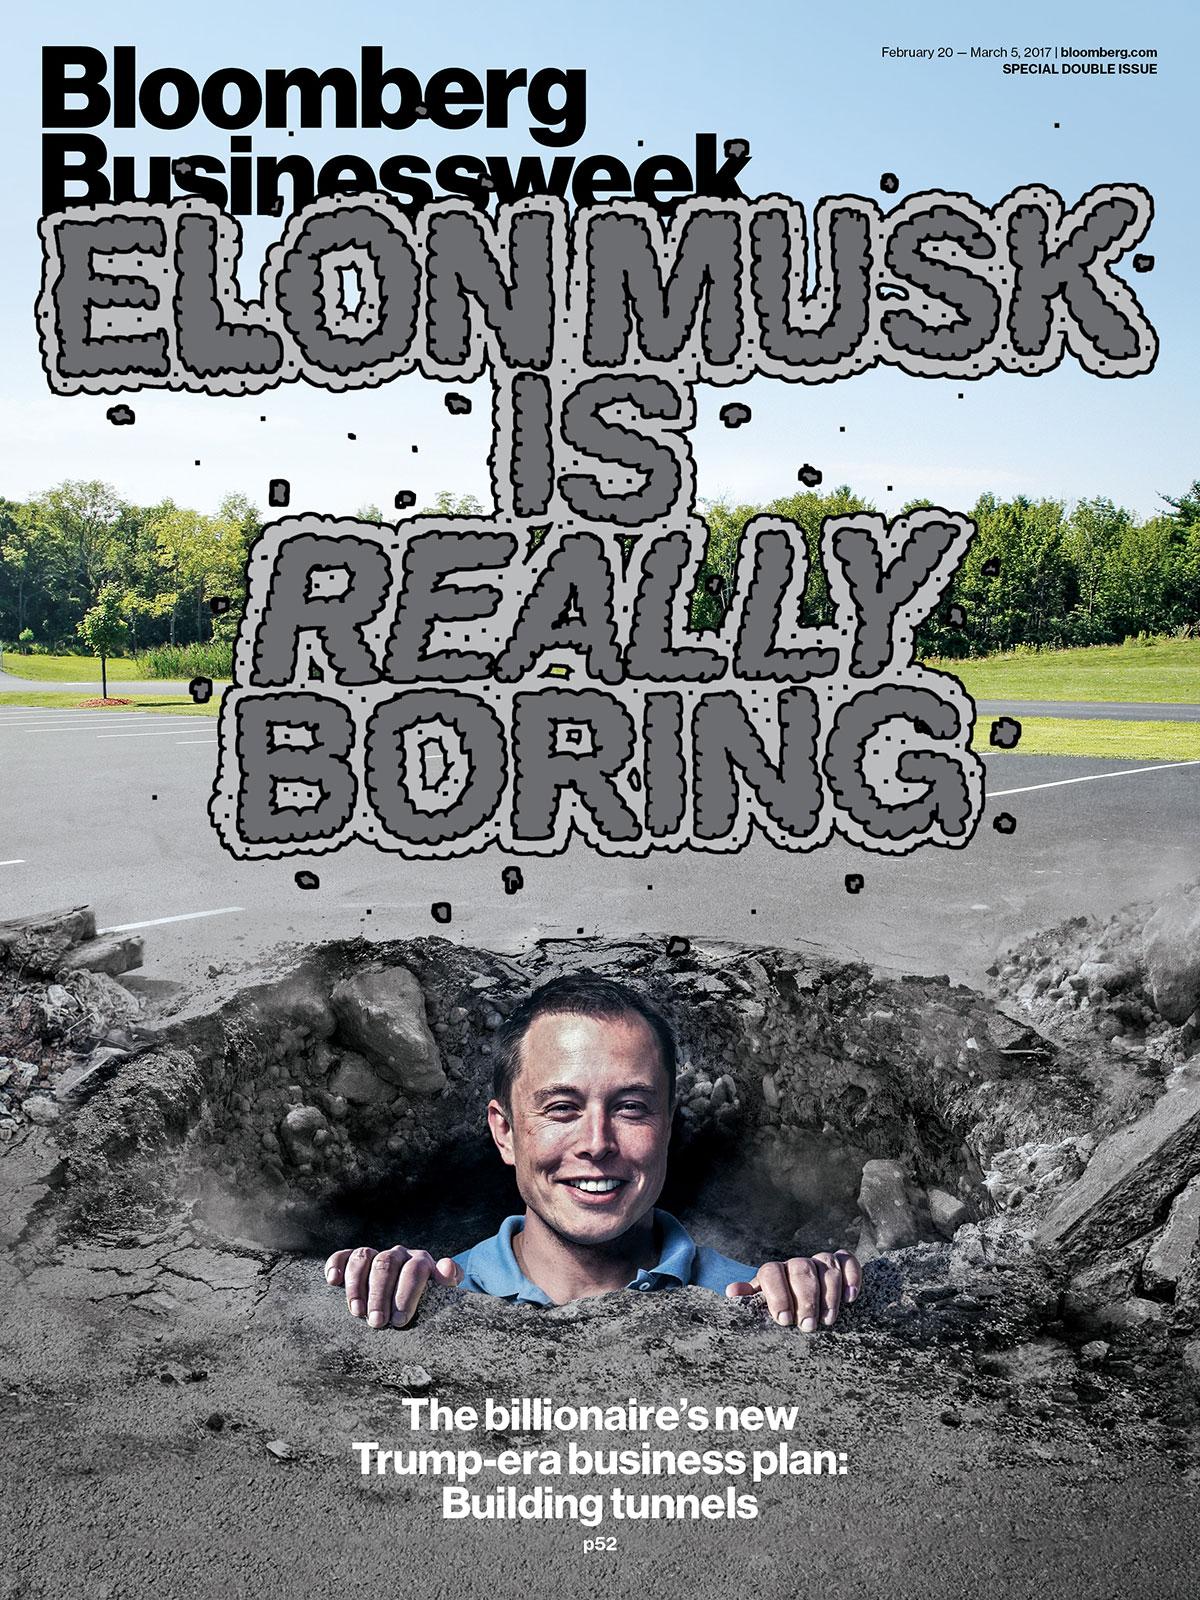 Проходческий щит Илона Маска прибыл к яме на парковке SpaceX - 9